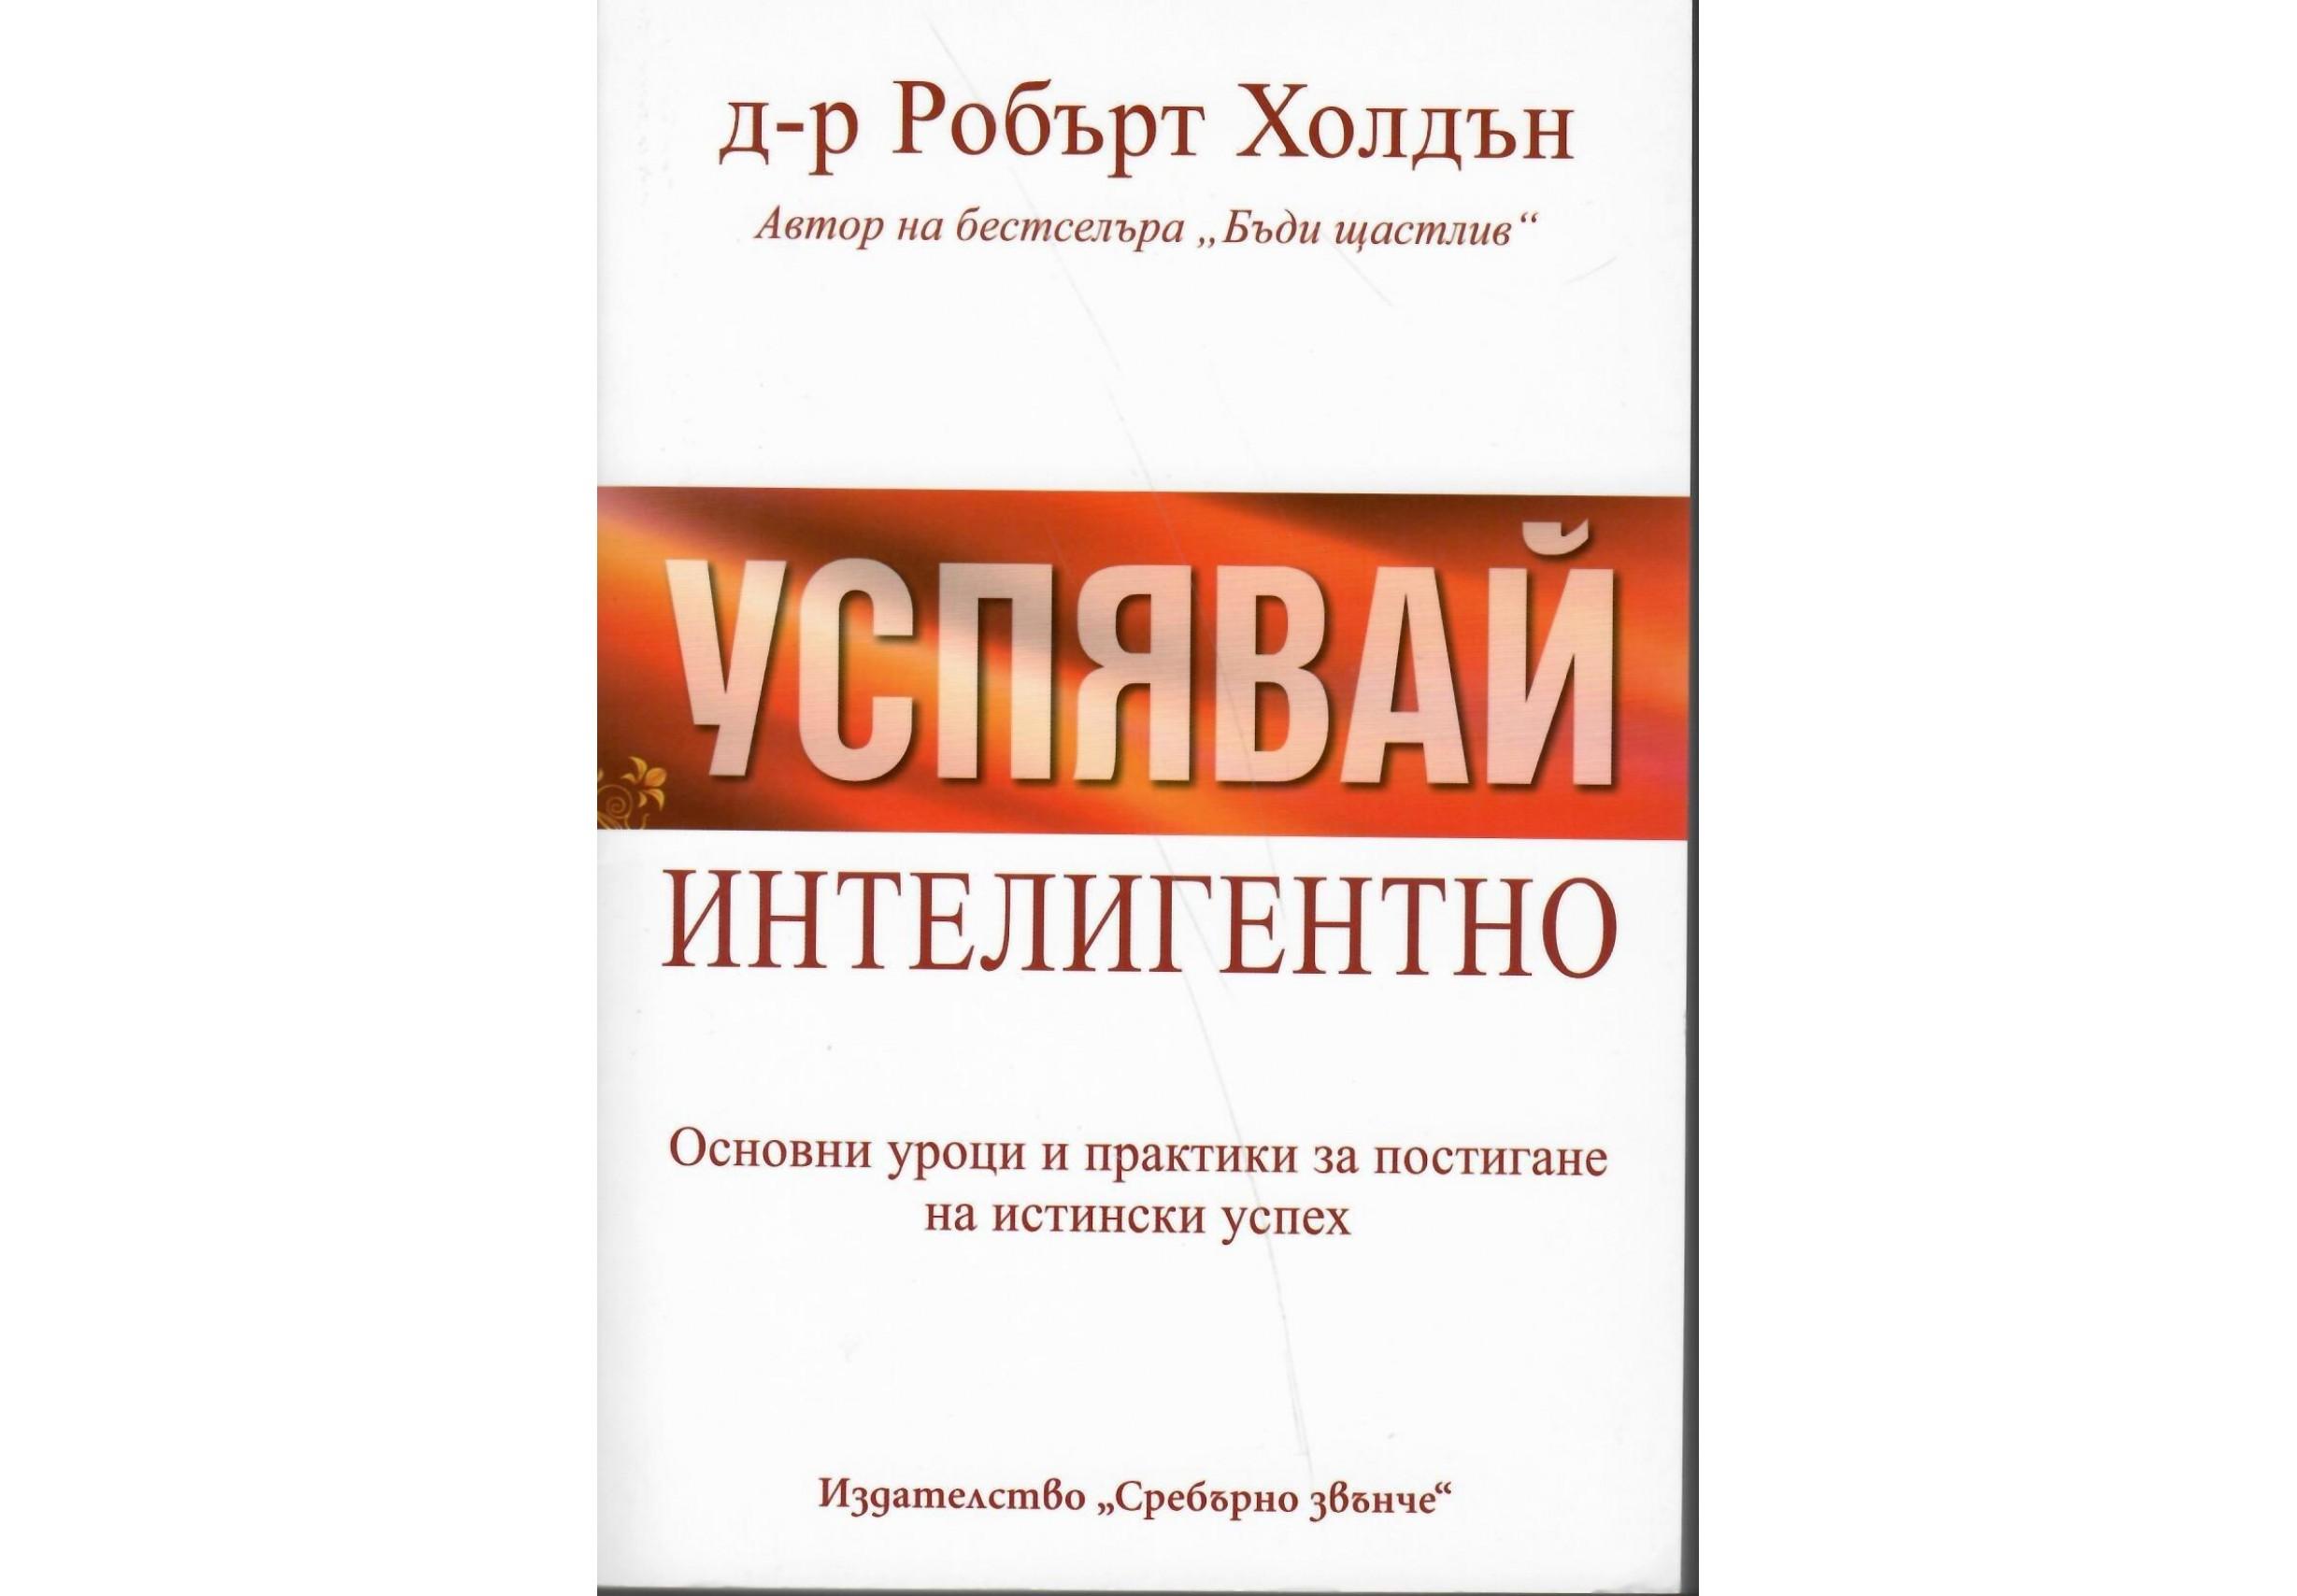 Успявай интелигентно- Робърт Холдън